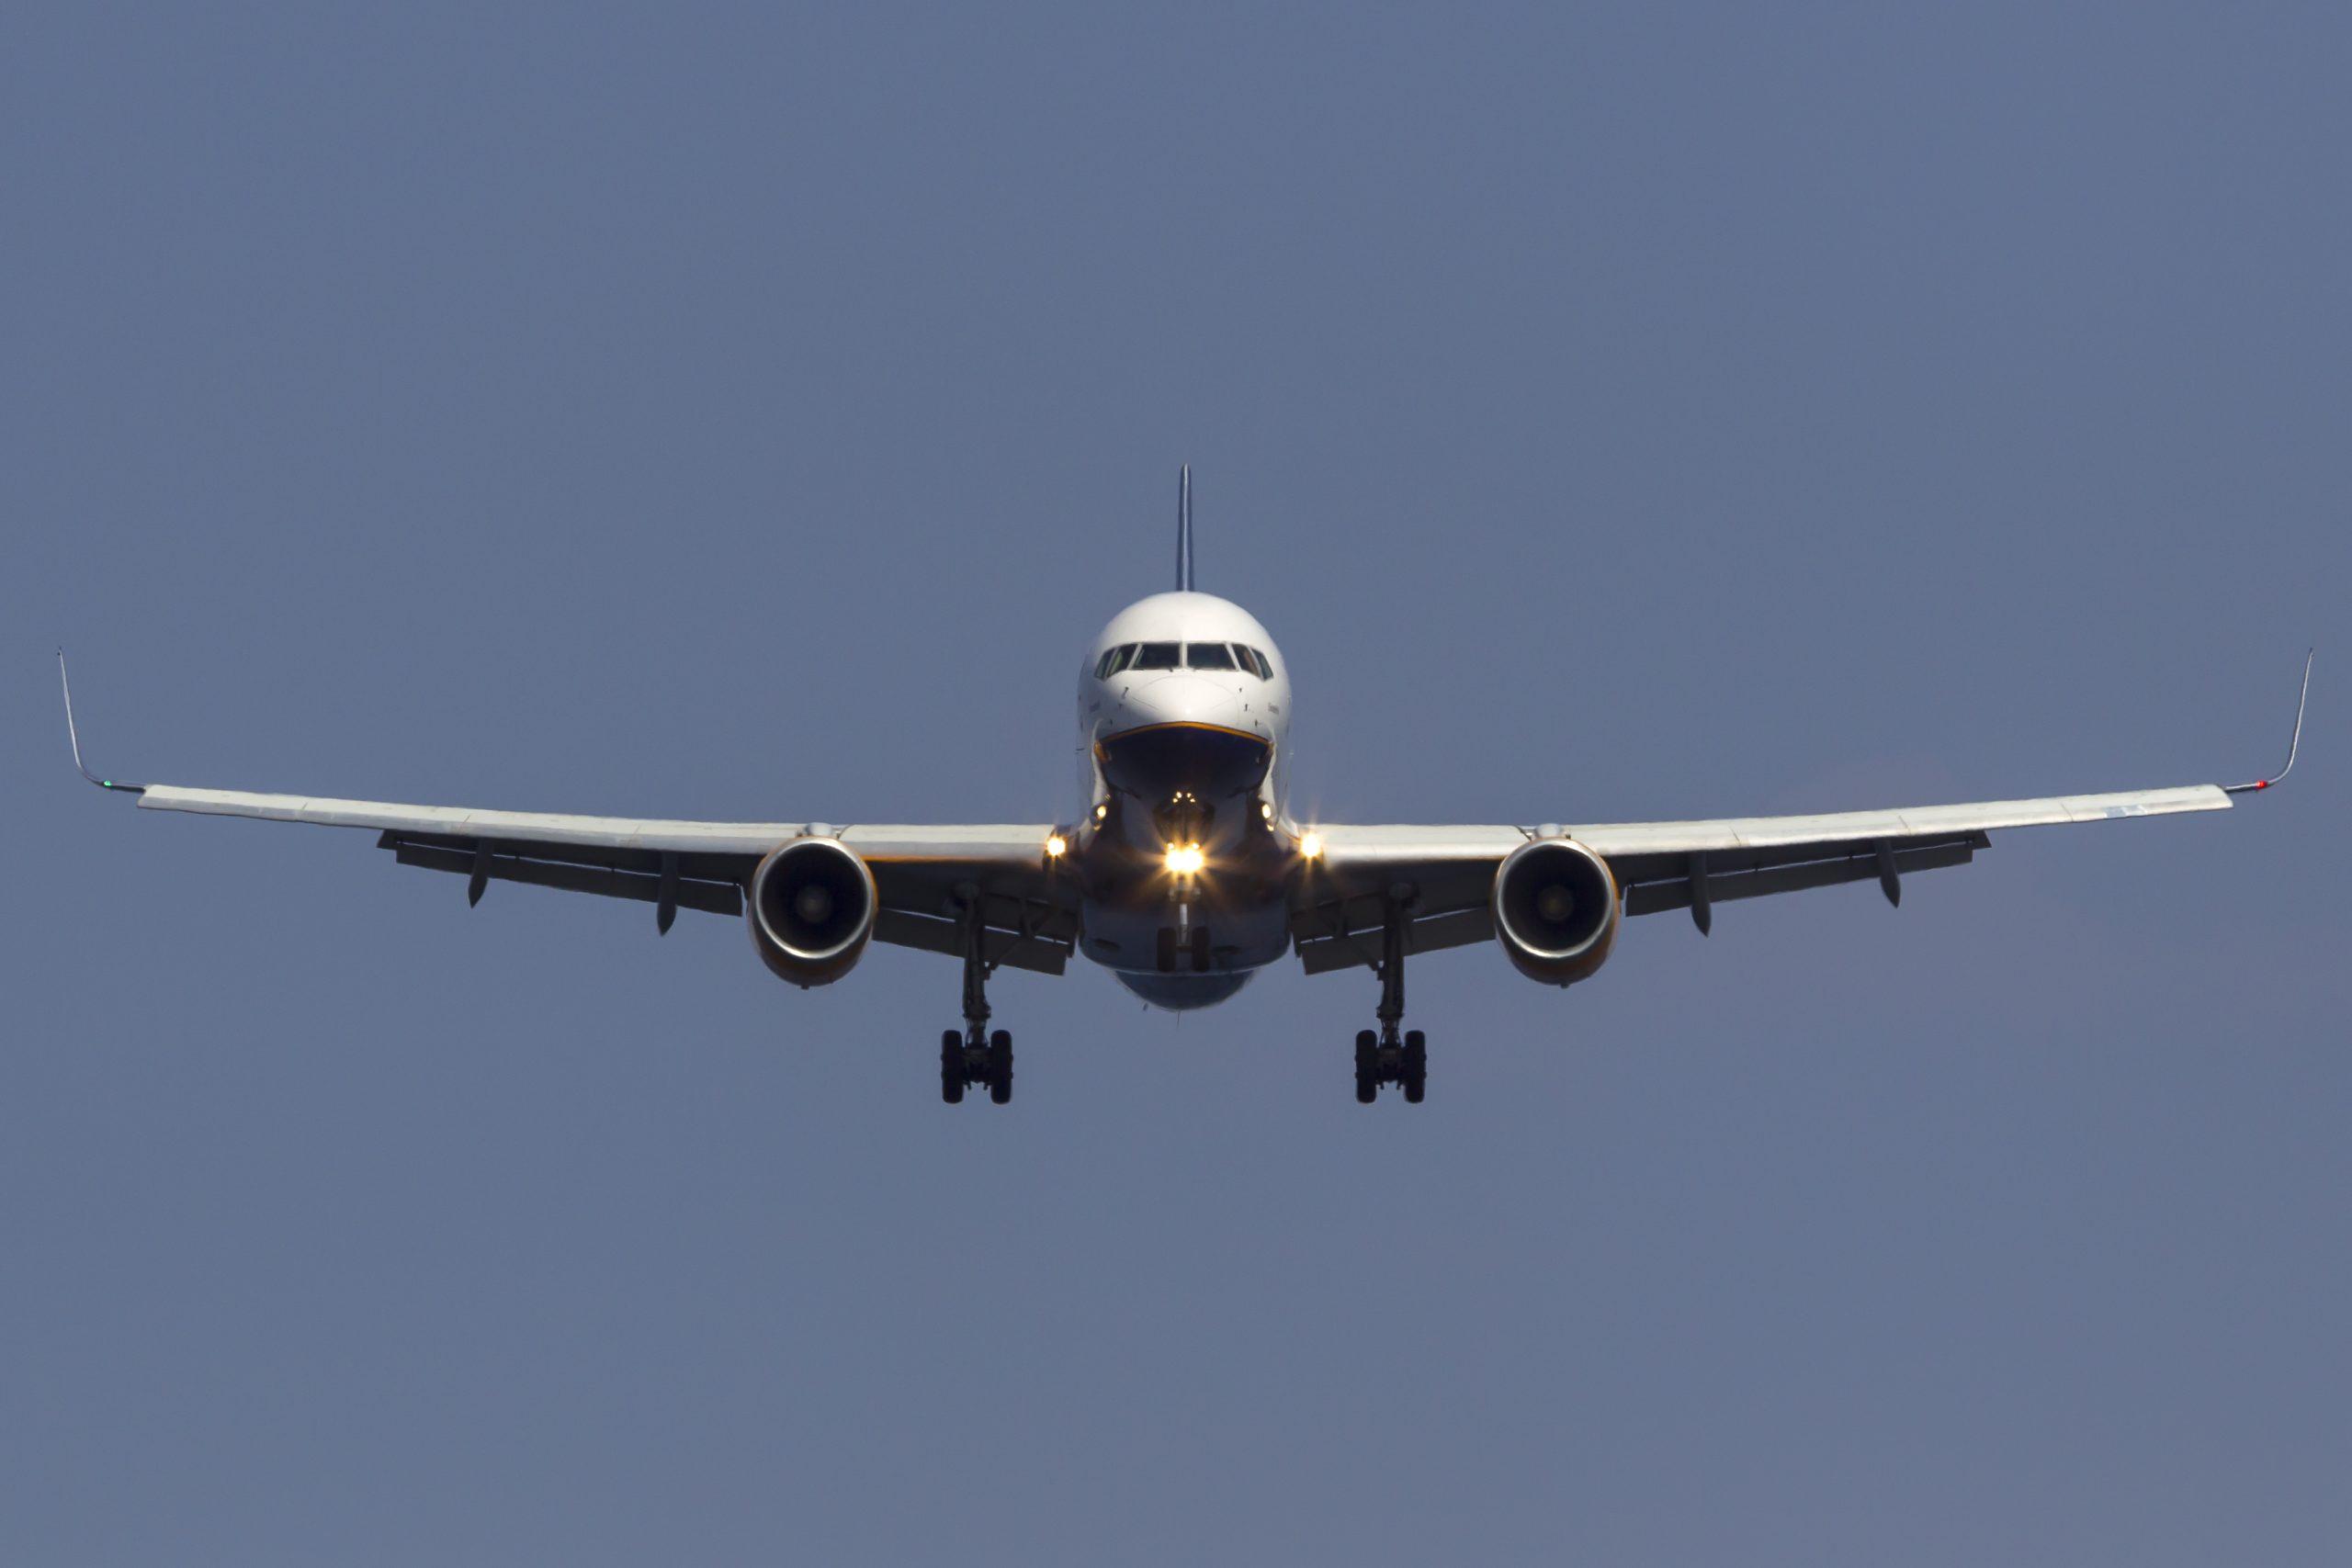 Boeing 757-200 (TF-FIP) fra Icelandair. (Foto: © Thorbjørn Brunander Sund, Danish Aviation Photo)